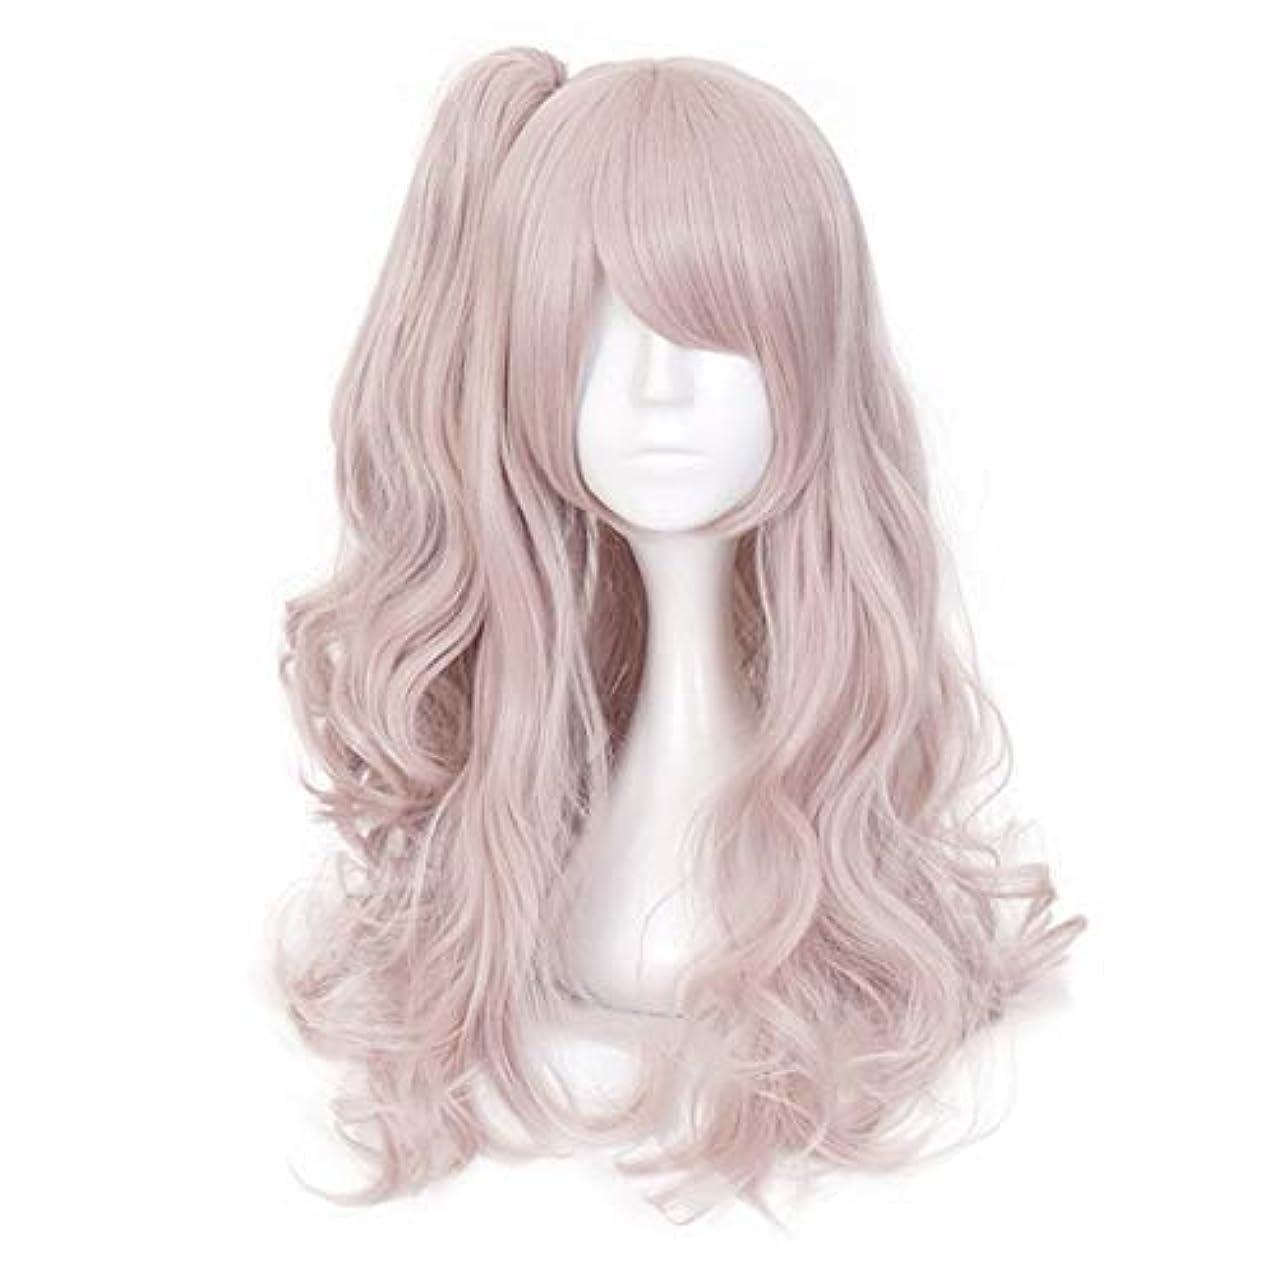 やりすぎ調査裕福なKoloeplf ロングカーリーグラデーションピンクラブリーガールコスプレウィッグフル人工毛アニメヘア (Color : Pink)